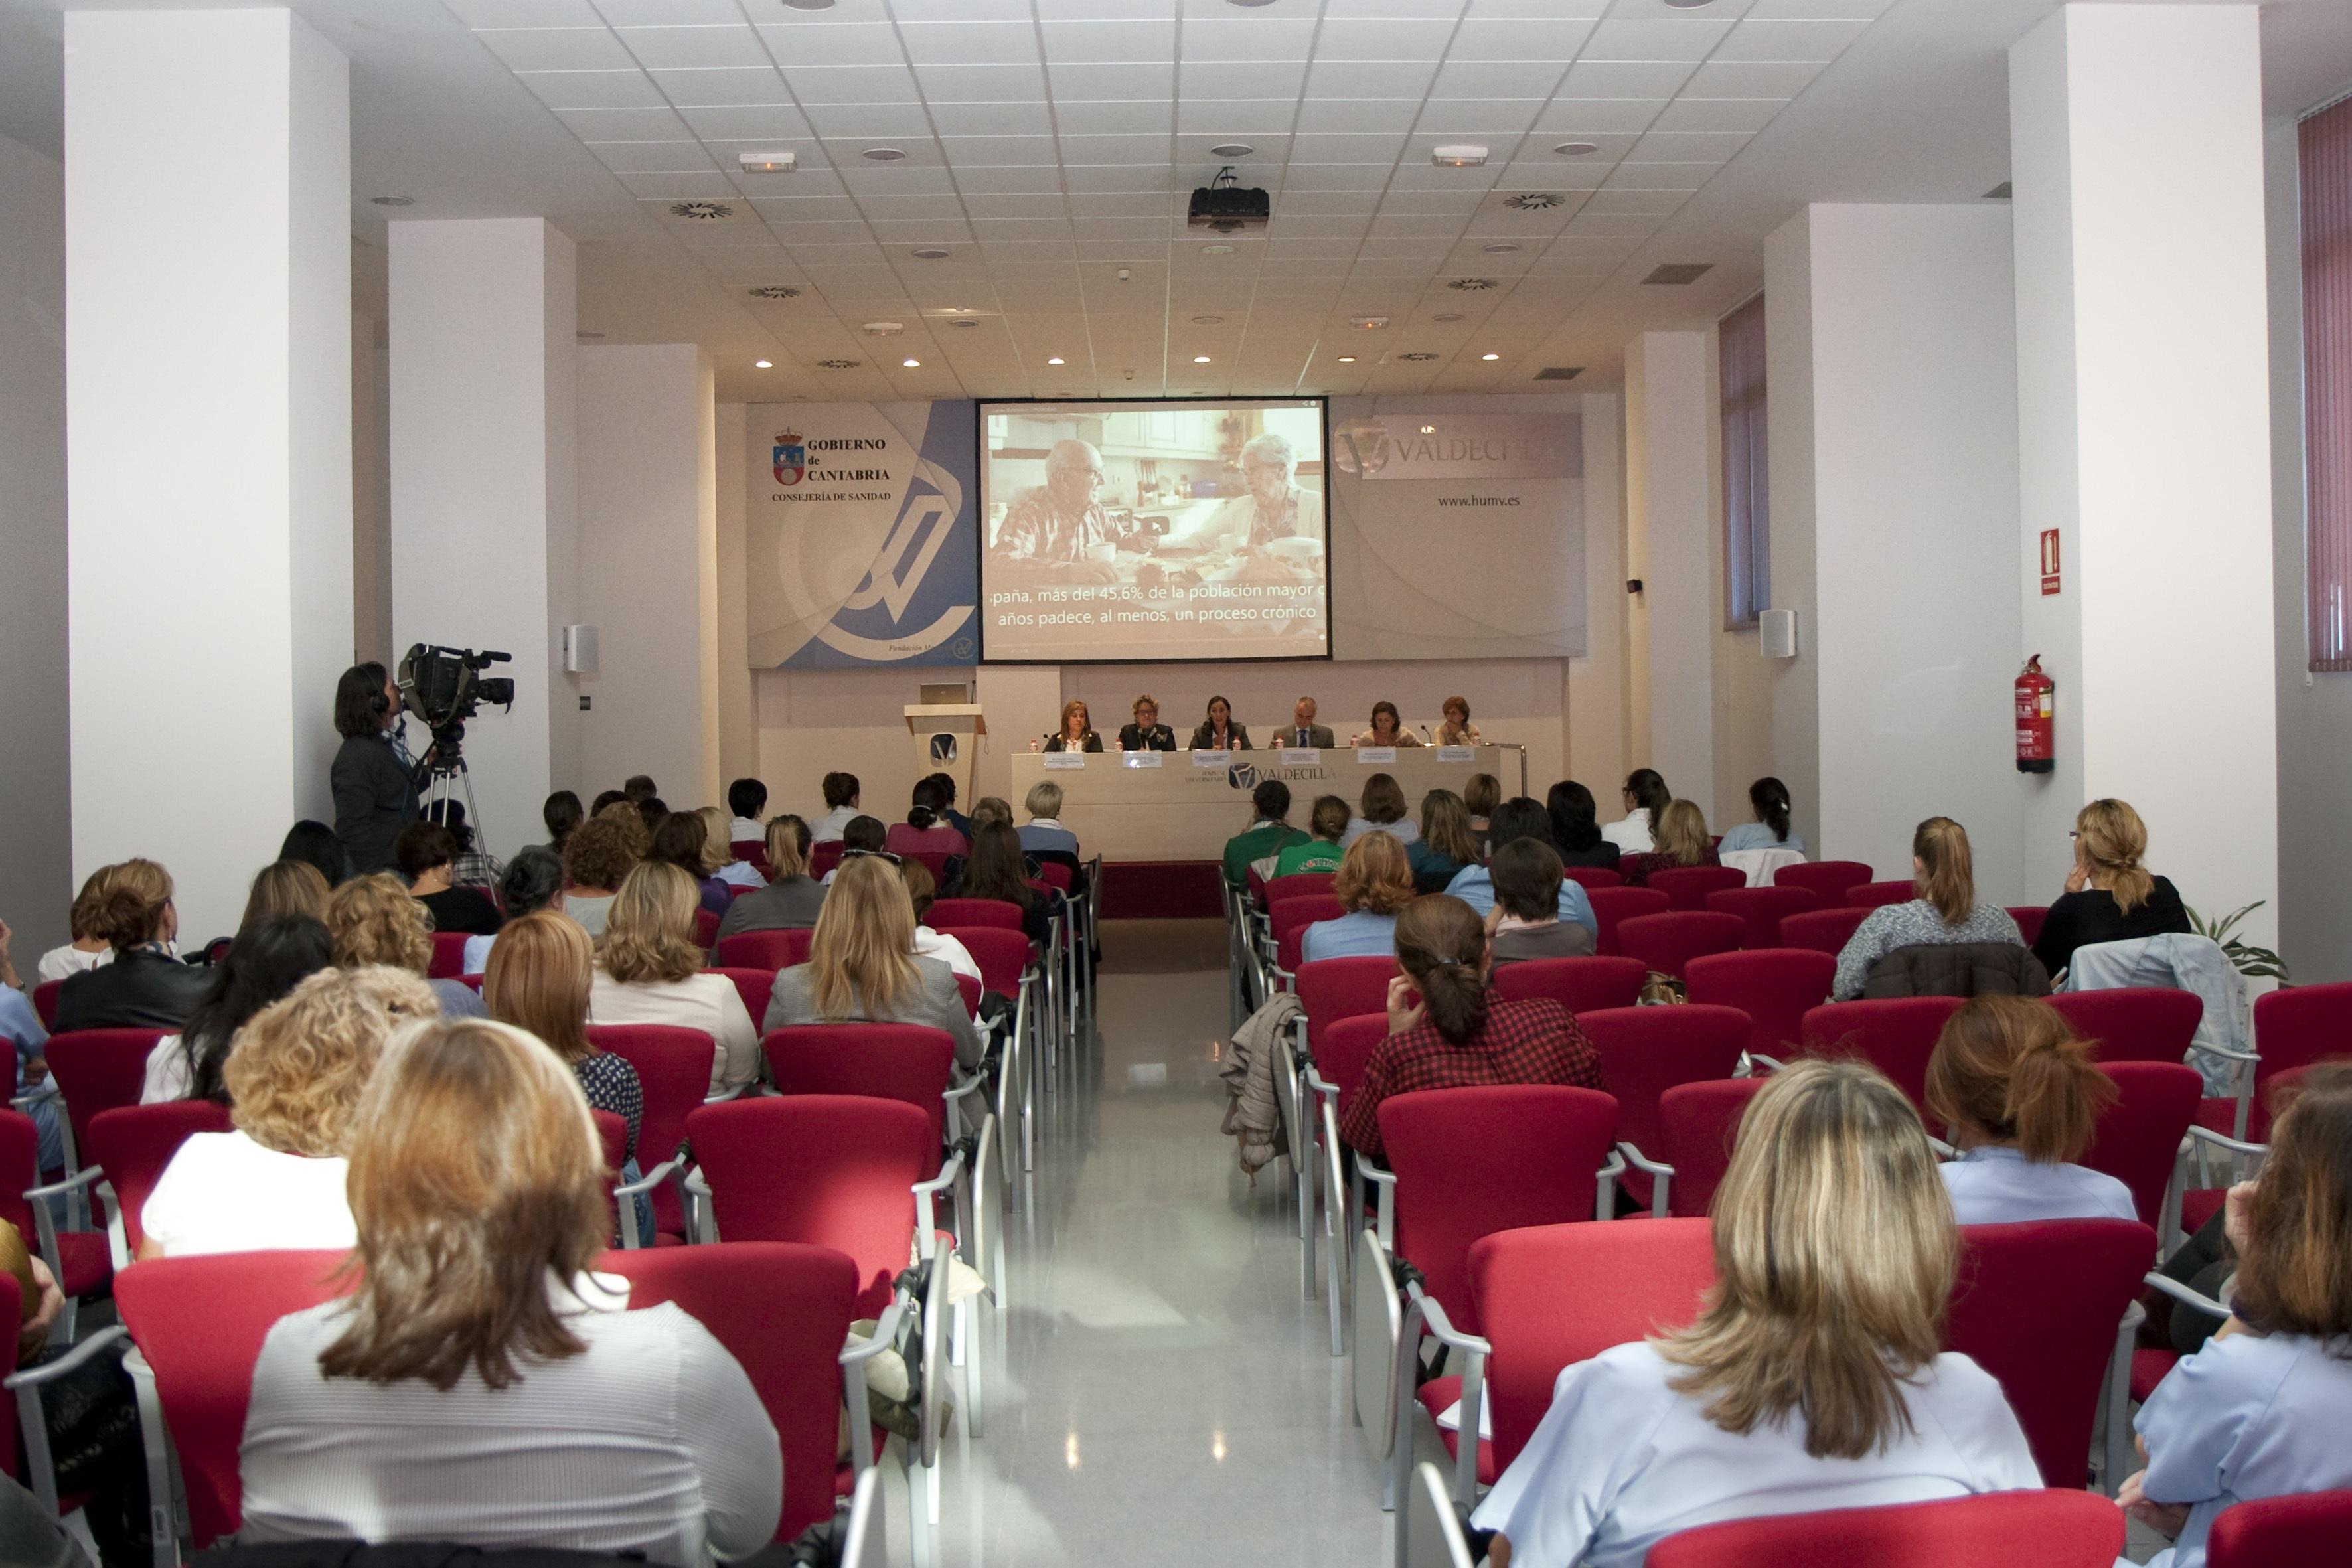 La primera jornada de los »Jueves enfermeros» de Valdecilla abordó la cronicidad